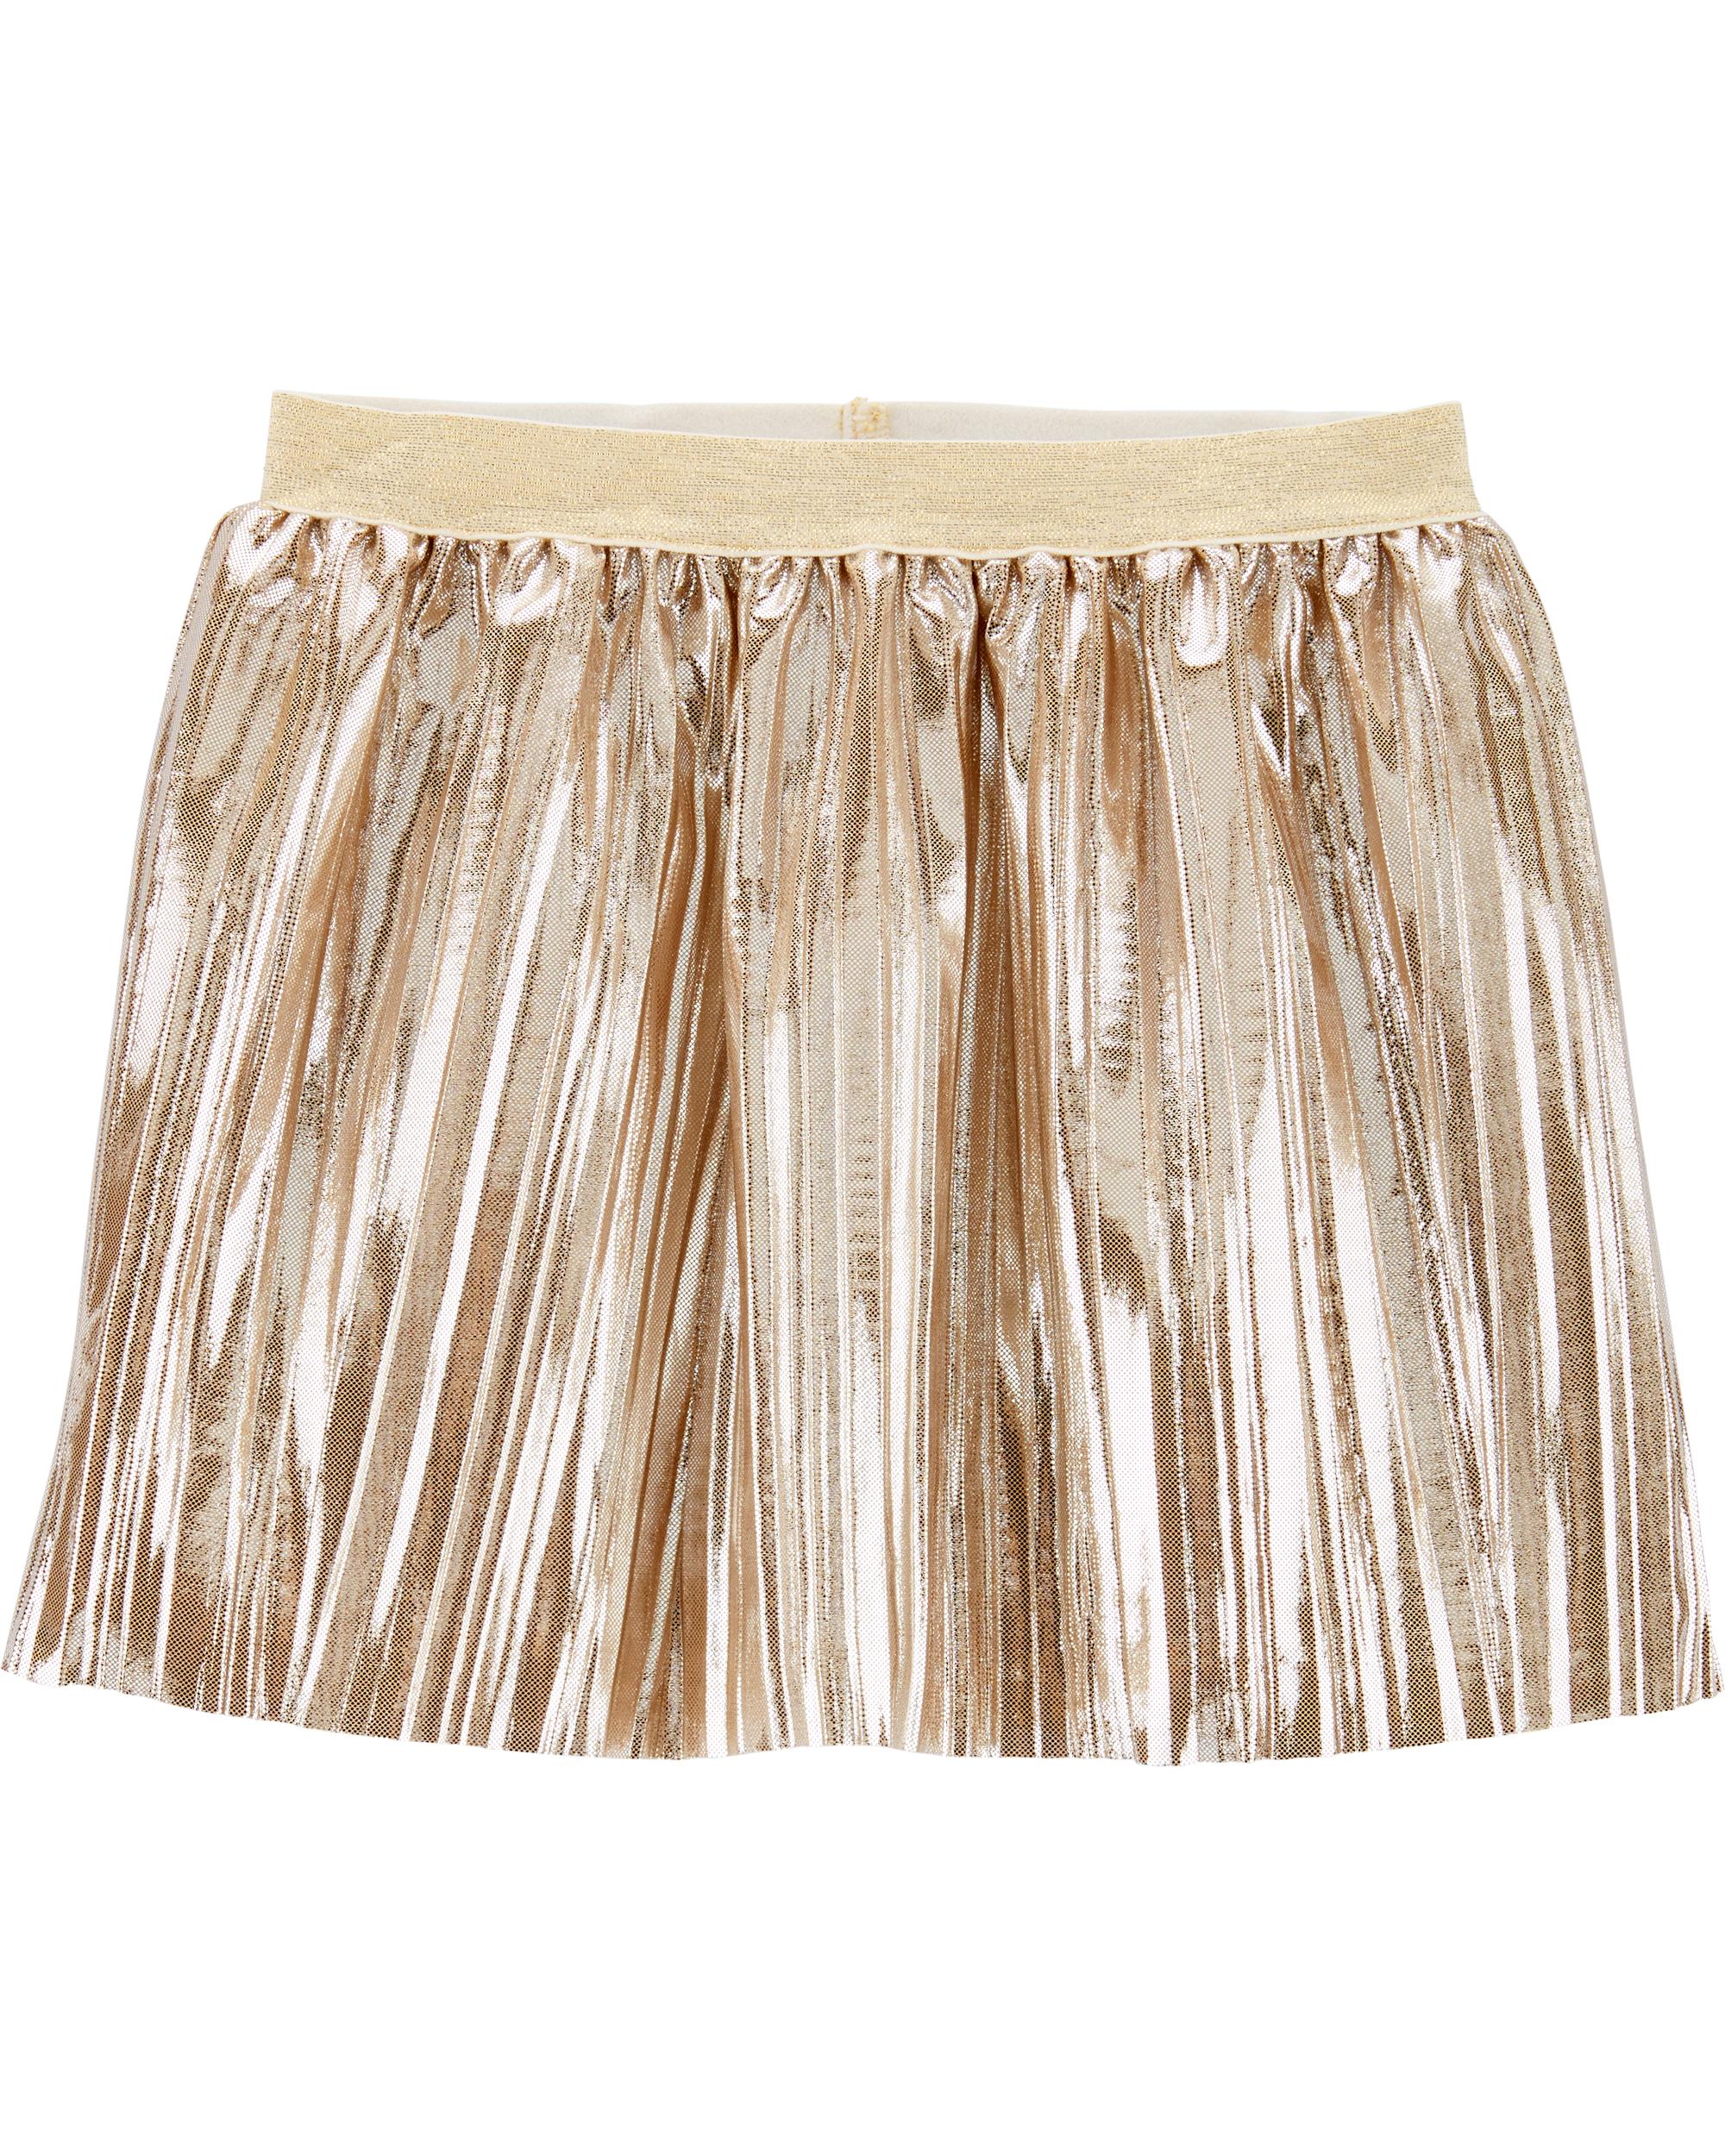 חצאית פליסה זהב